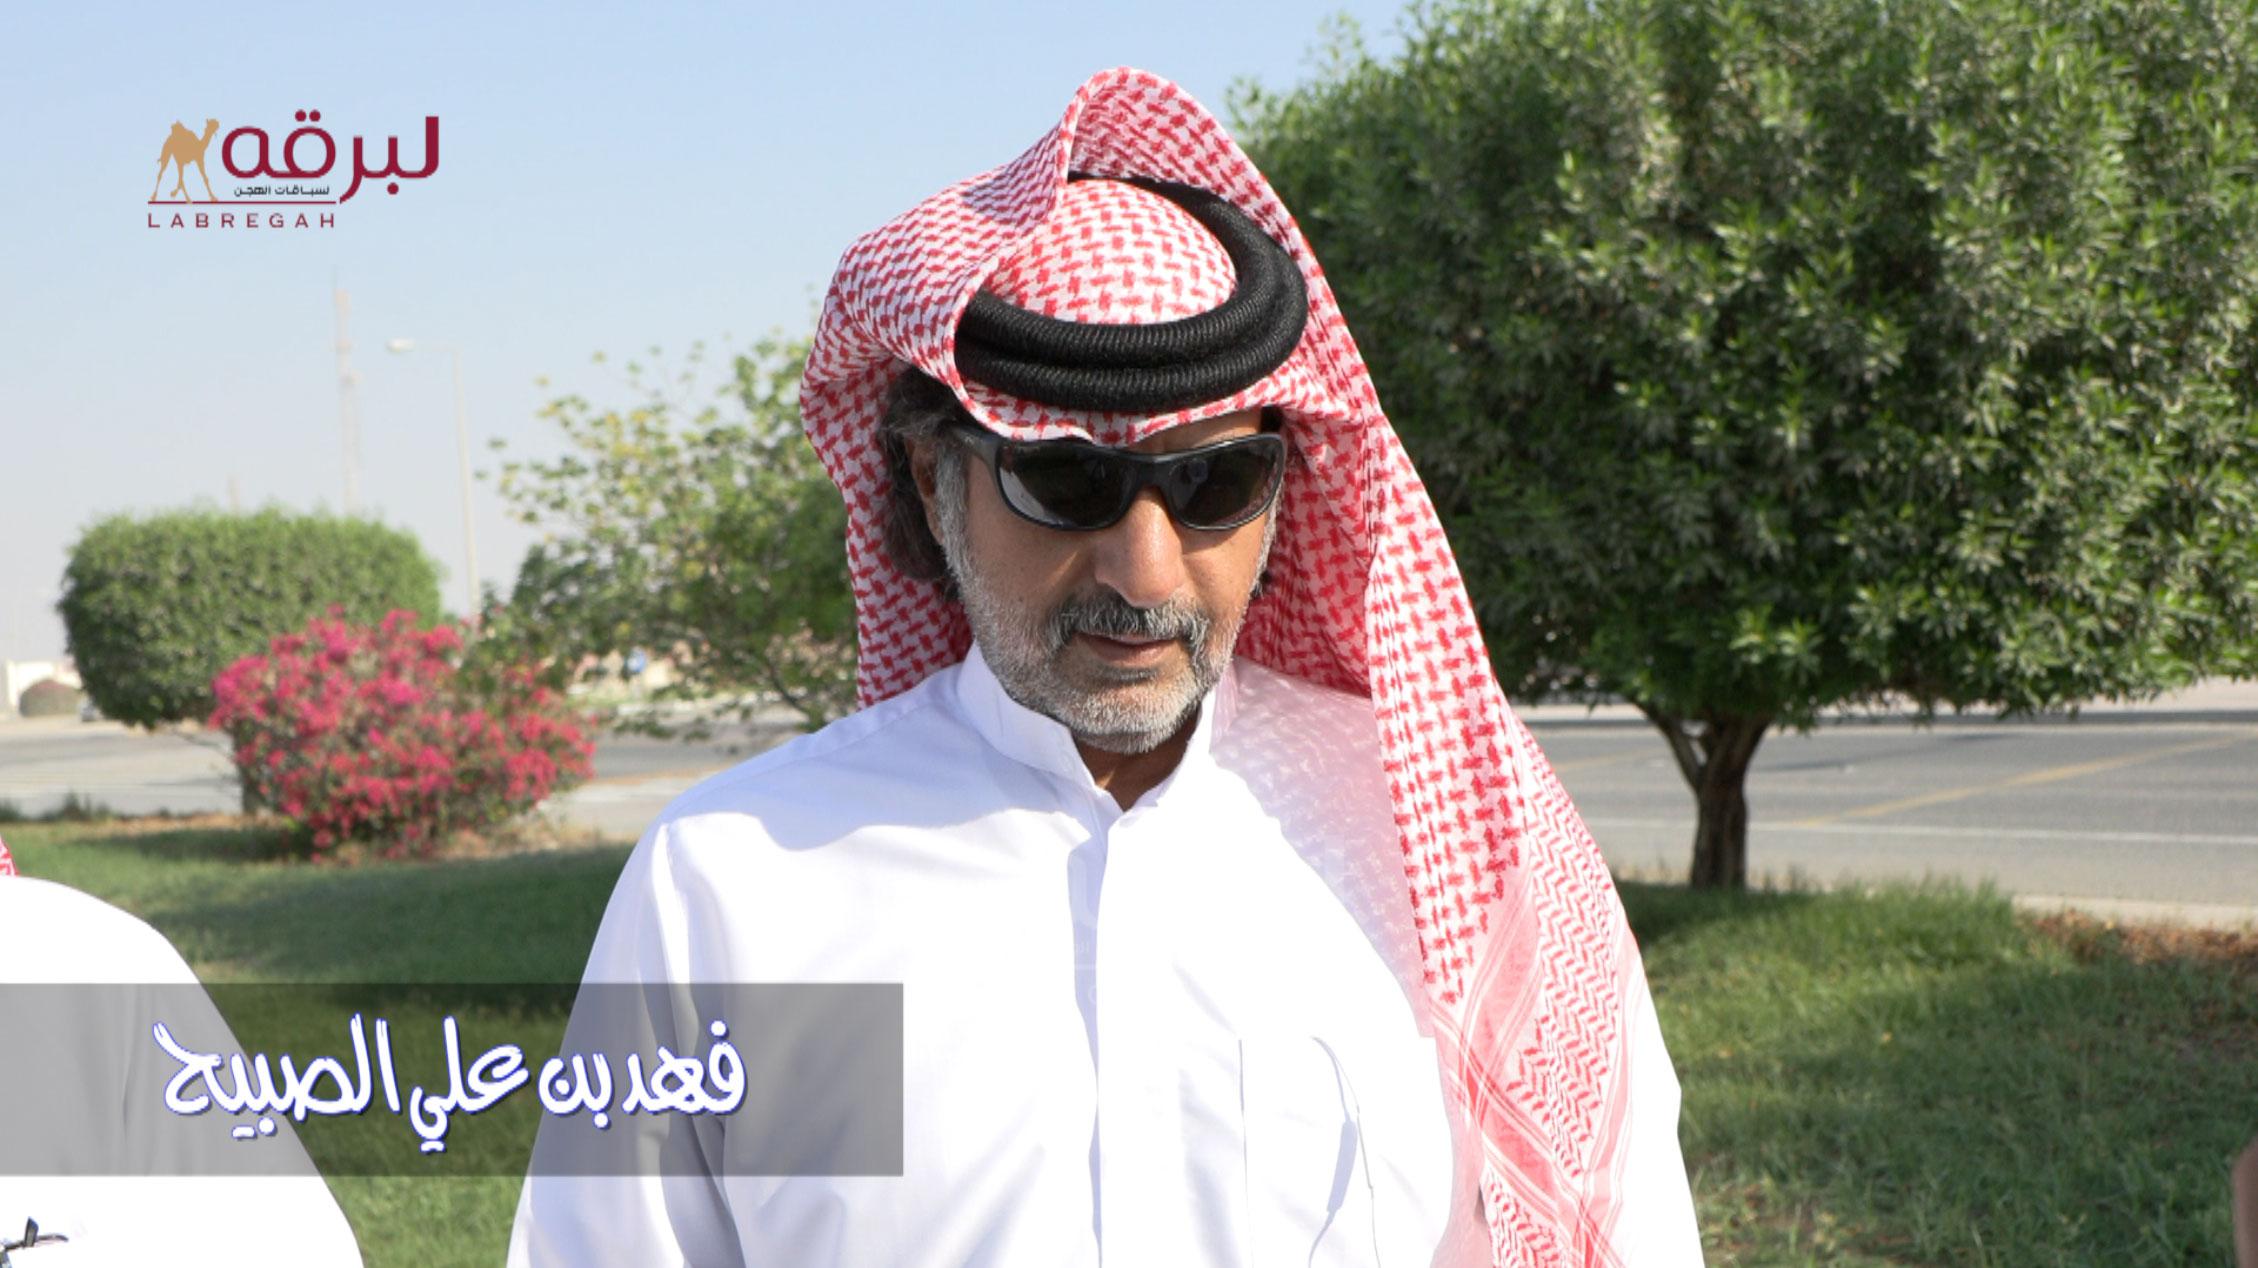 لقاء مع فهد بن علي الصبيح.. الشوط الرئيسي للحيل (إنتاج) الأشواط العامة ١٤-١٠-٢٠٢١